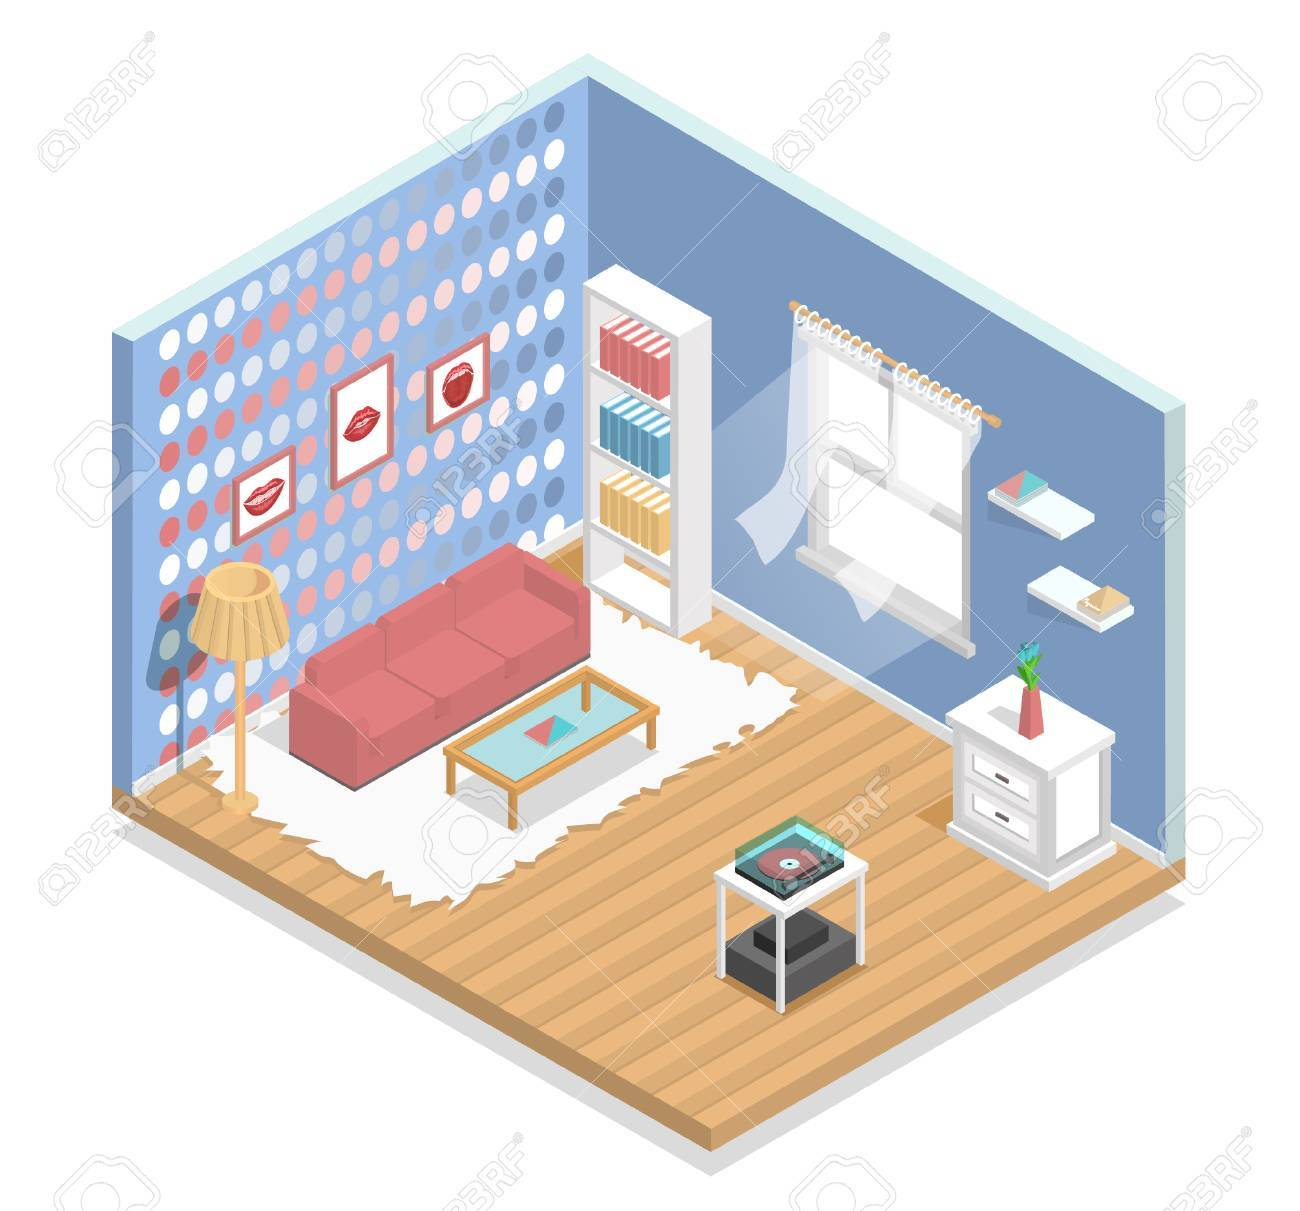 Interieur, Isometrisch, Wohnzimmer, Zimmer, Mode, Möbel Lizenzfrei ...